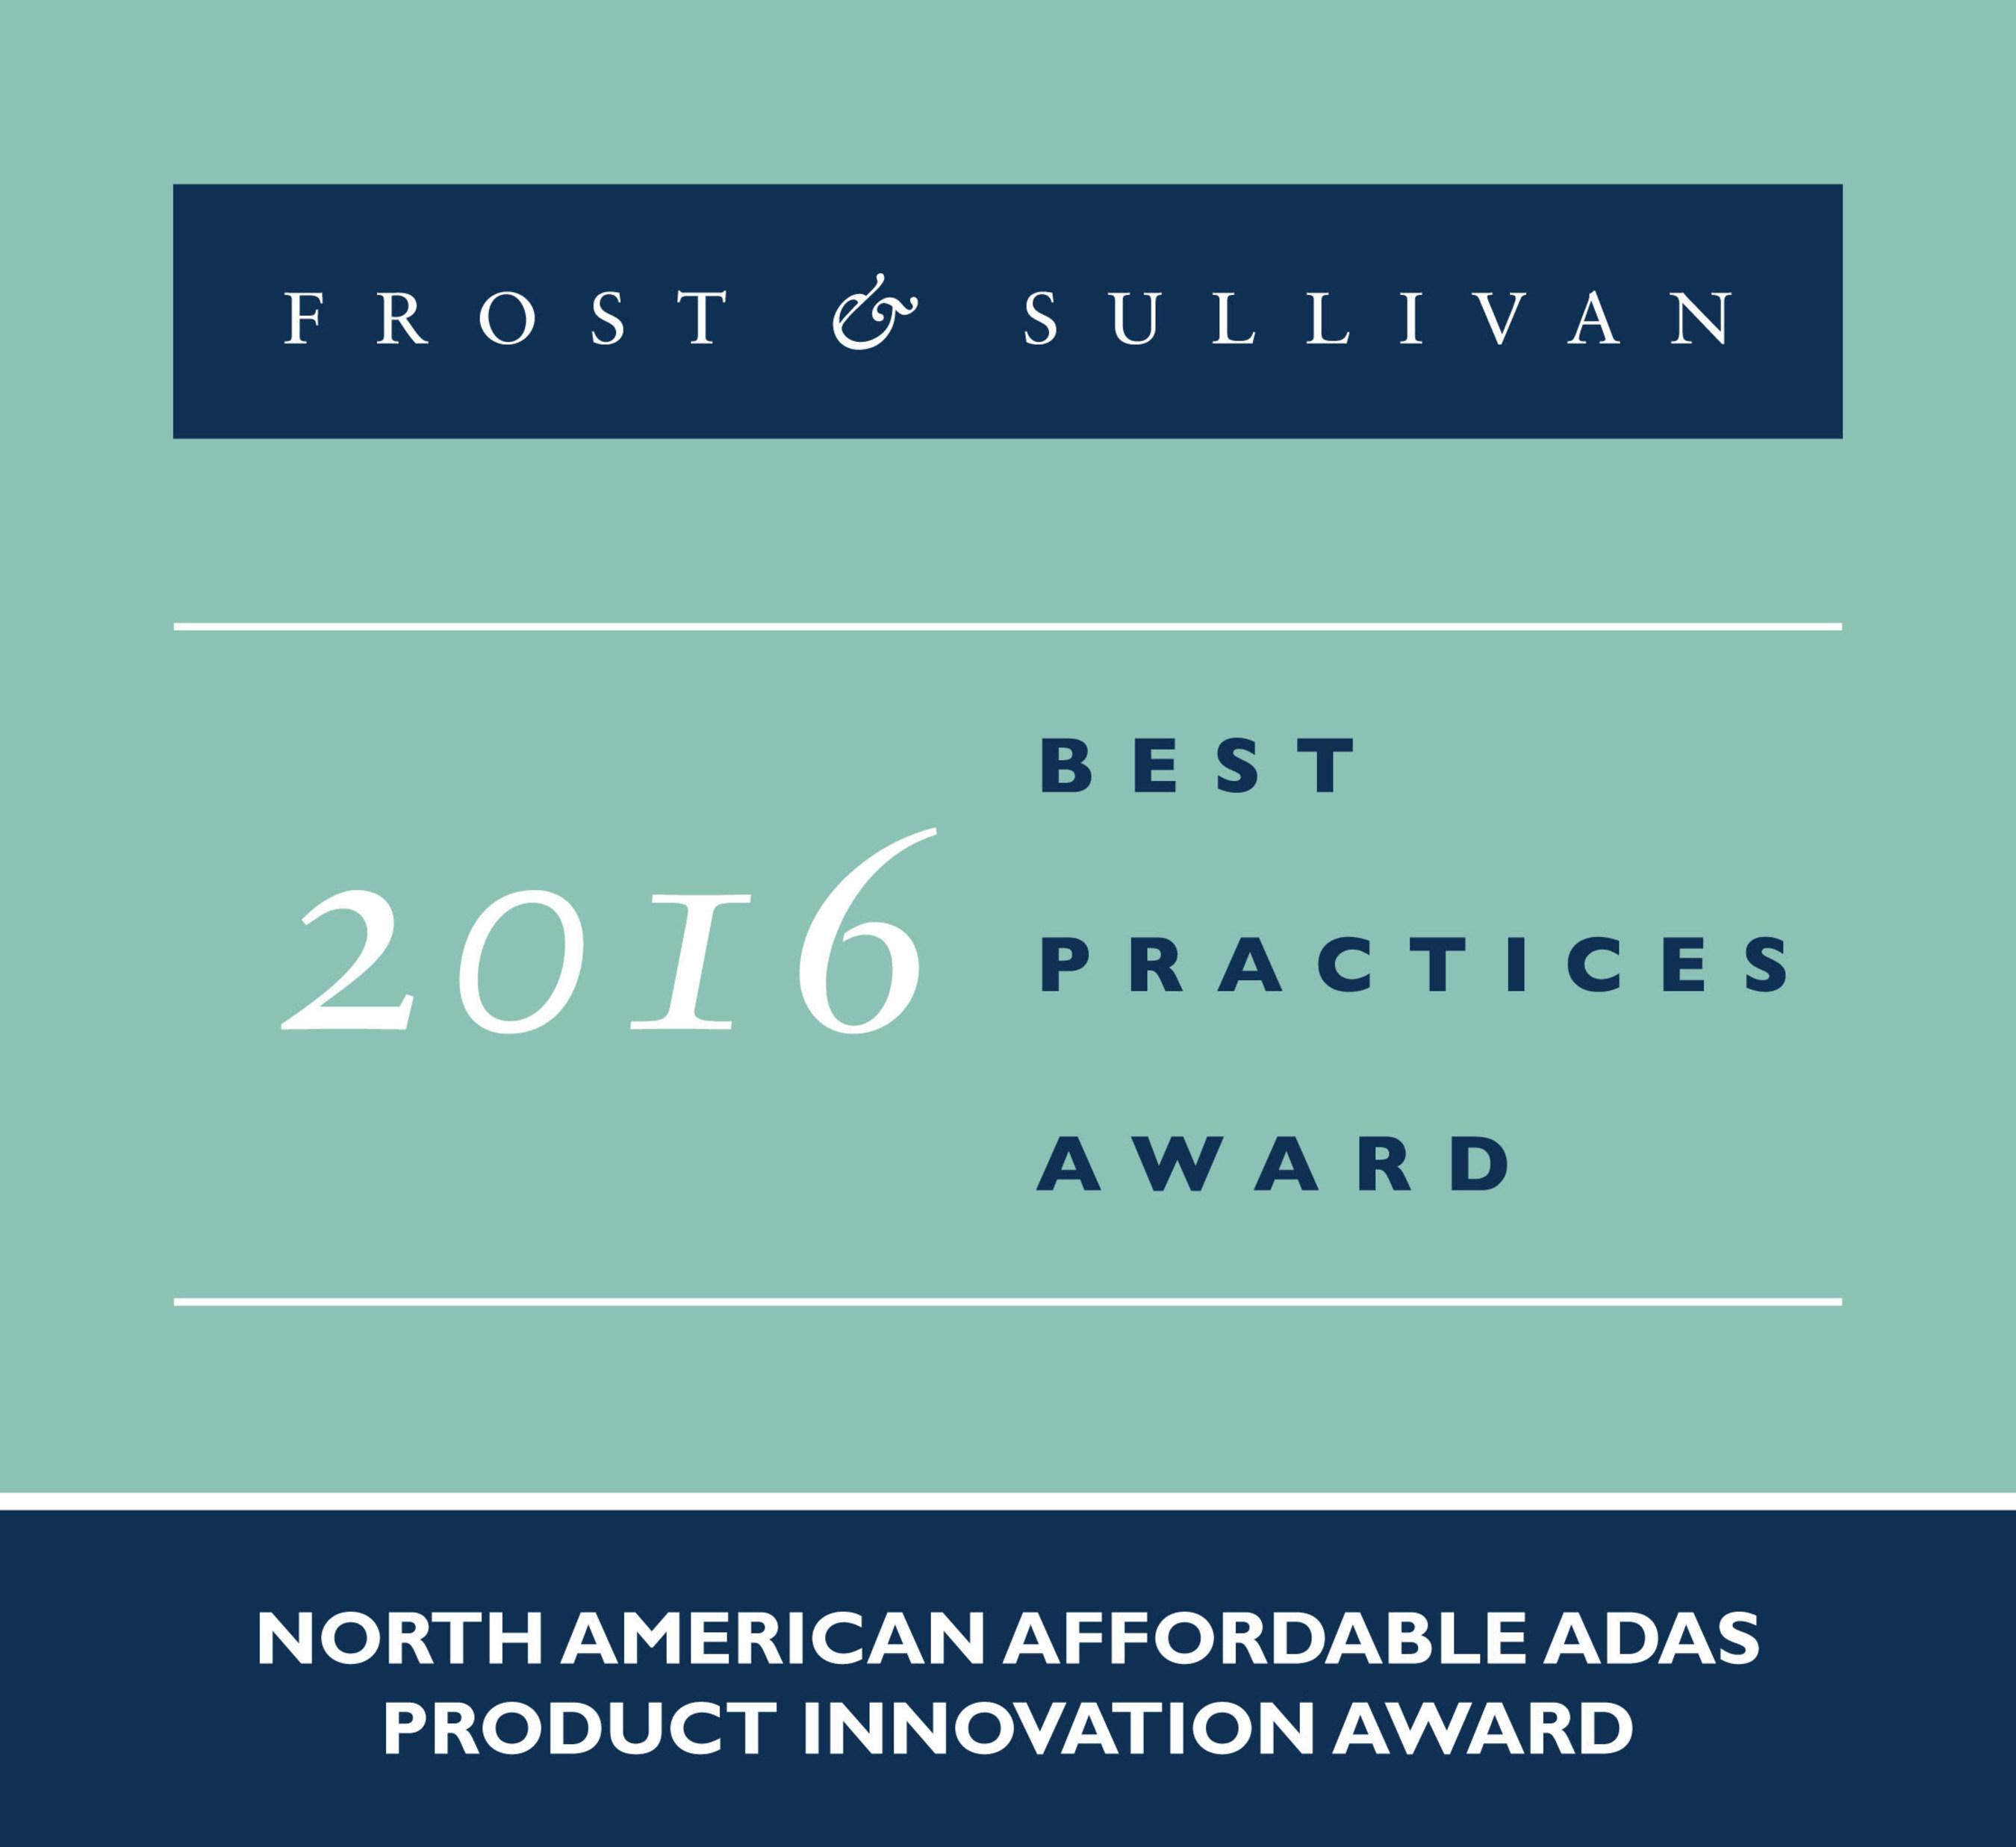 Frost & Sullivan Awards LeddarTech for Enabling Affordable